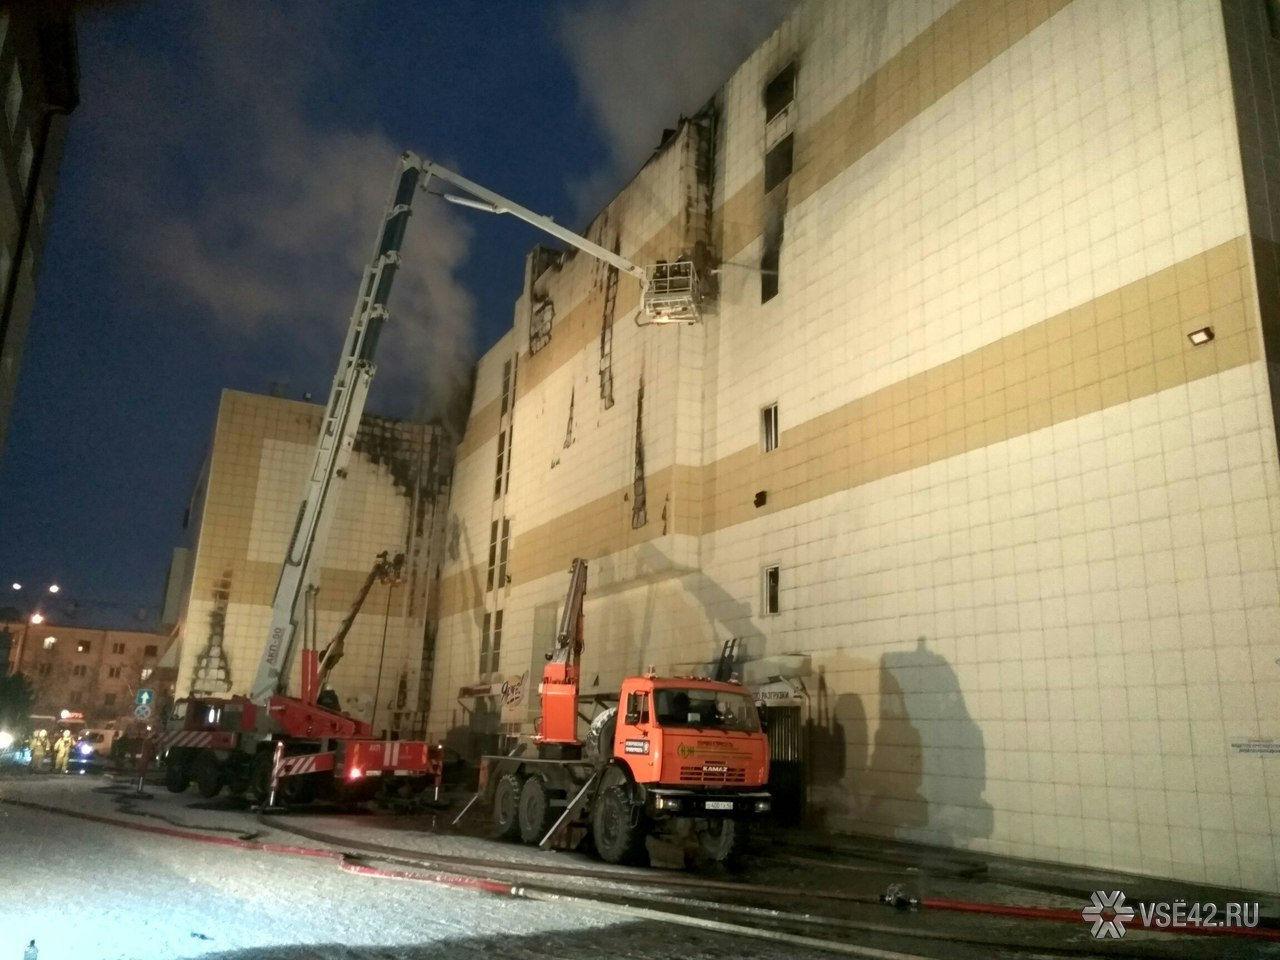 СК: Трагедию вКемерово можно было предотвратить засутки допожара